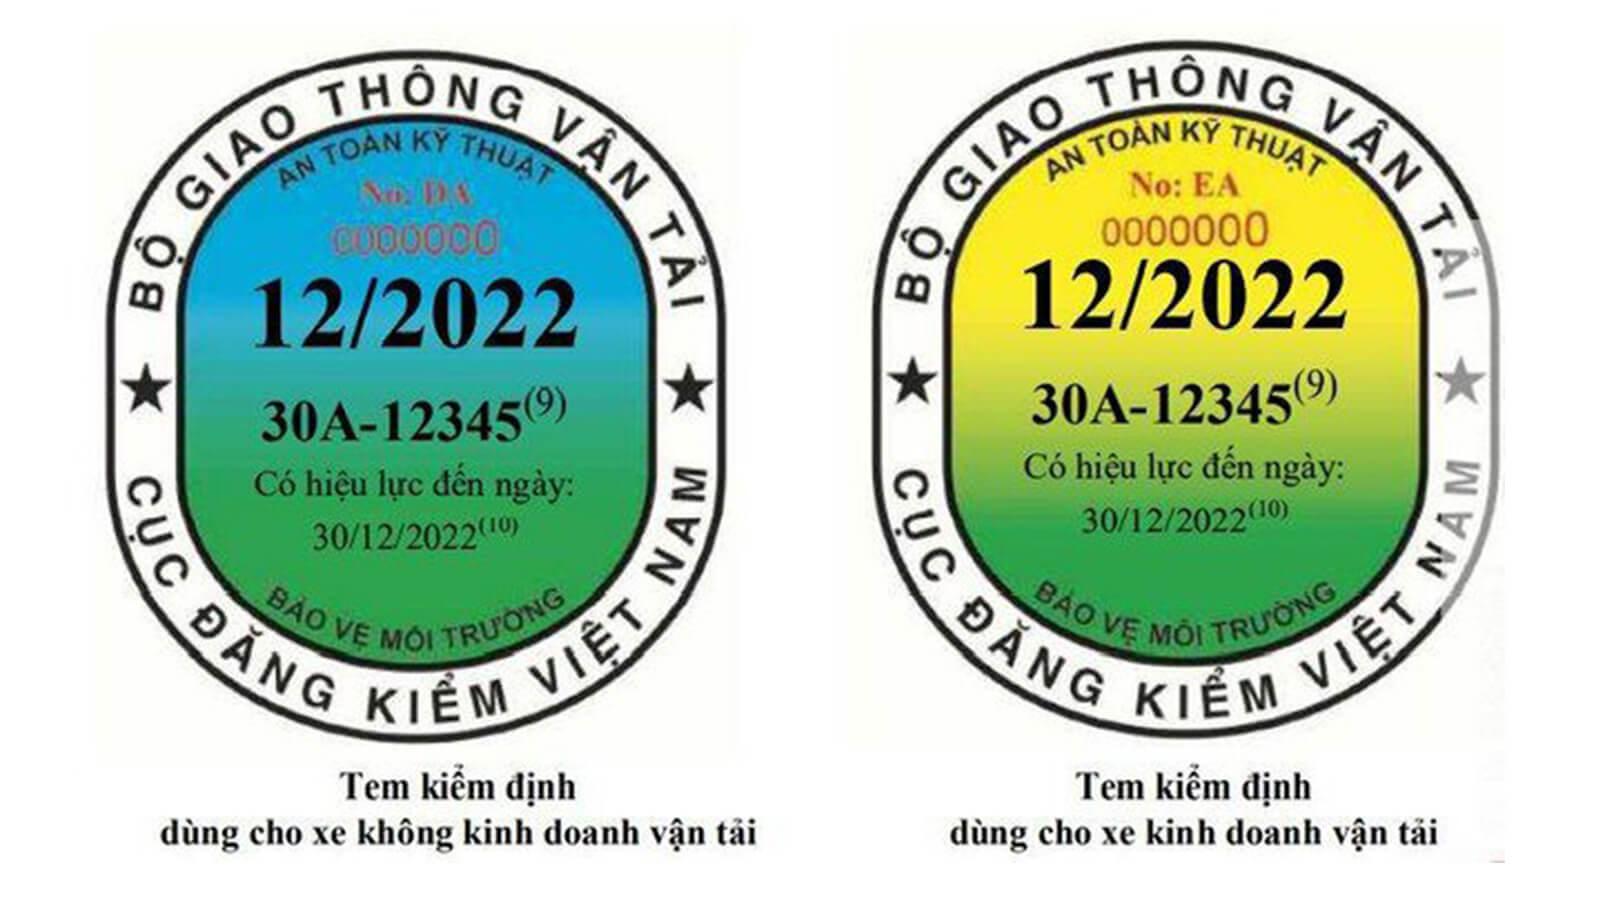 Mẫu tem kiểm định được mới từ tháng 10 năm 2021